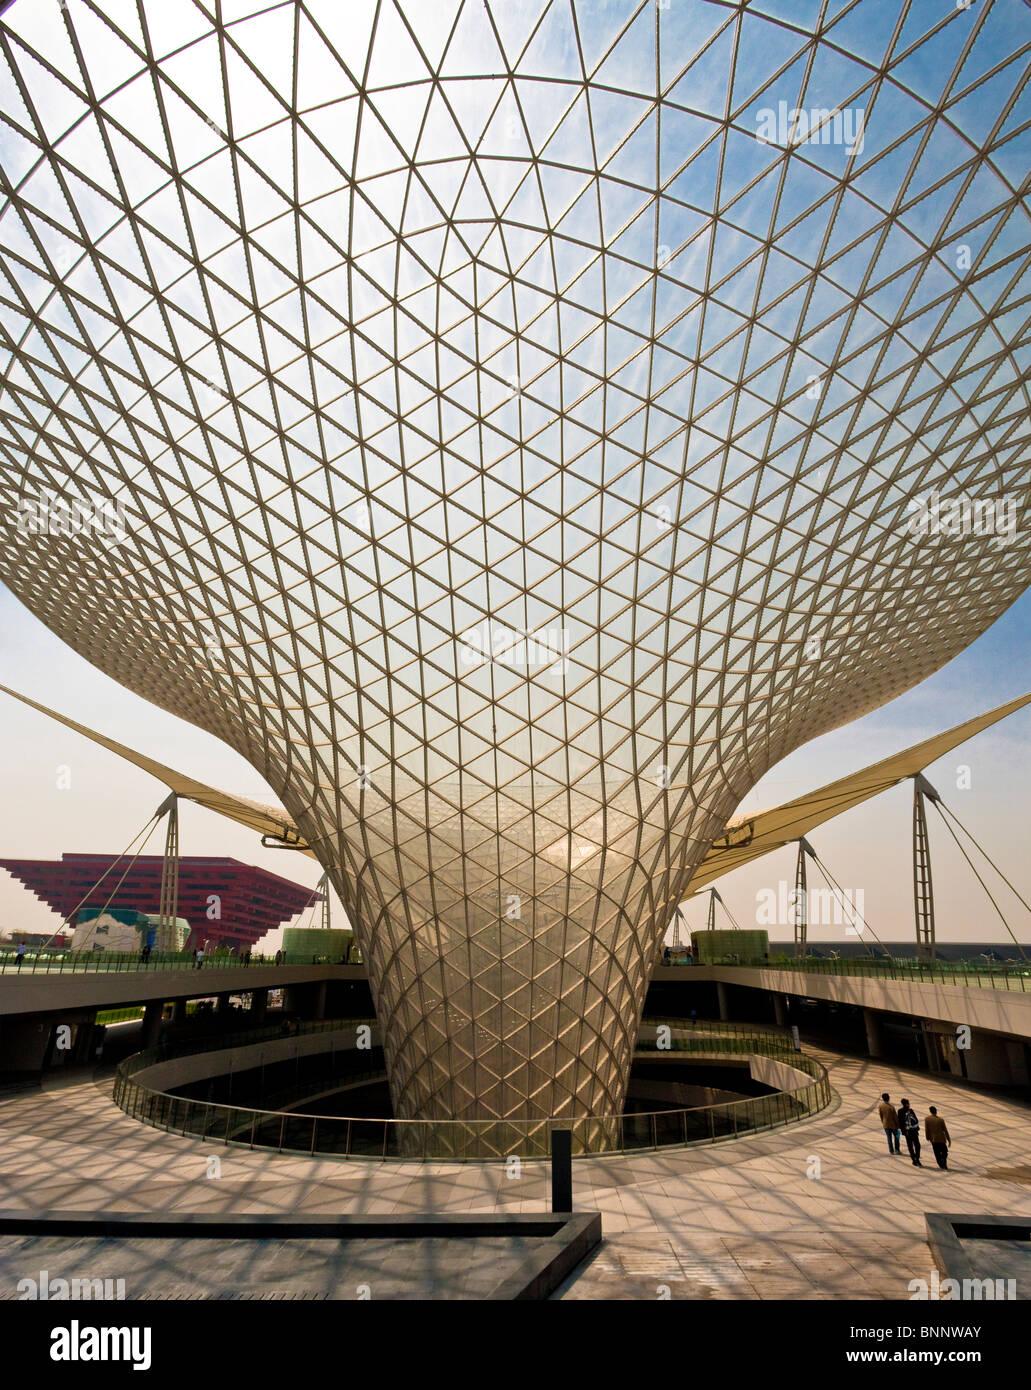 Cina Shanghai Expo Expo boulevard architettura presentano mondiale turismo itinerante vacanza architettura vacanze Immagini Stock